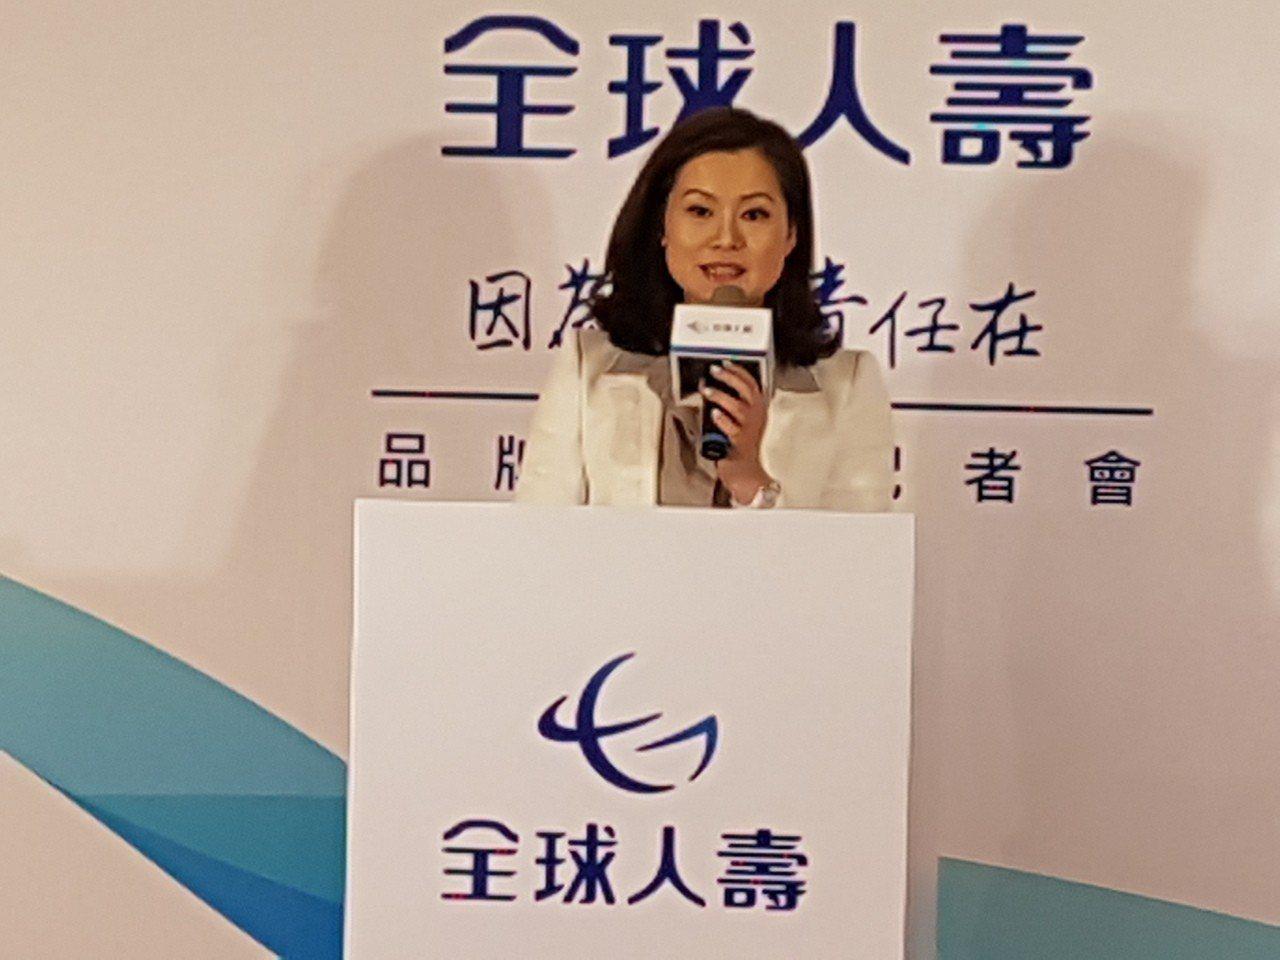 全球人壽董事長彭騰德的夫人林文惠,續任全球人壽第7屆董事。記者孫中英/攝影